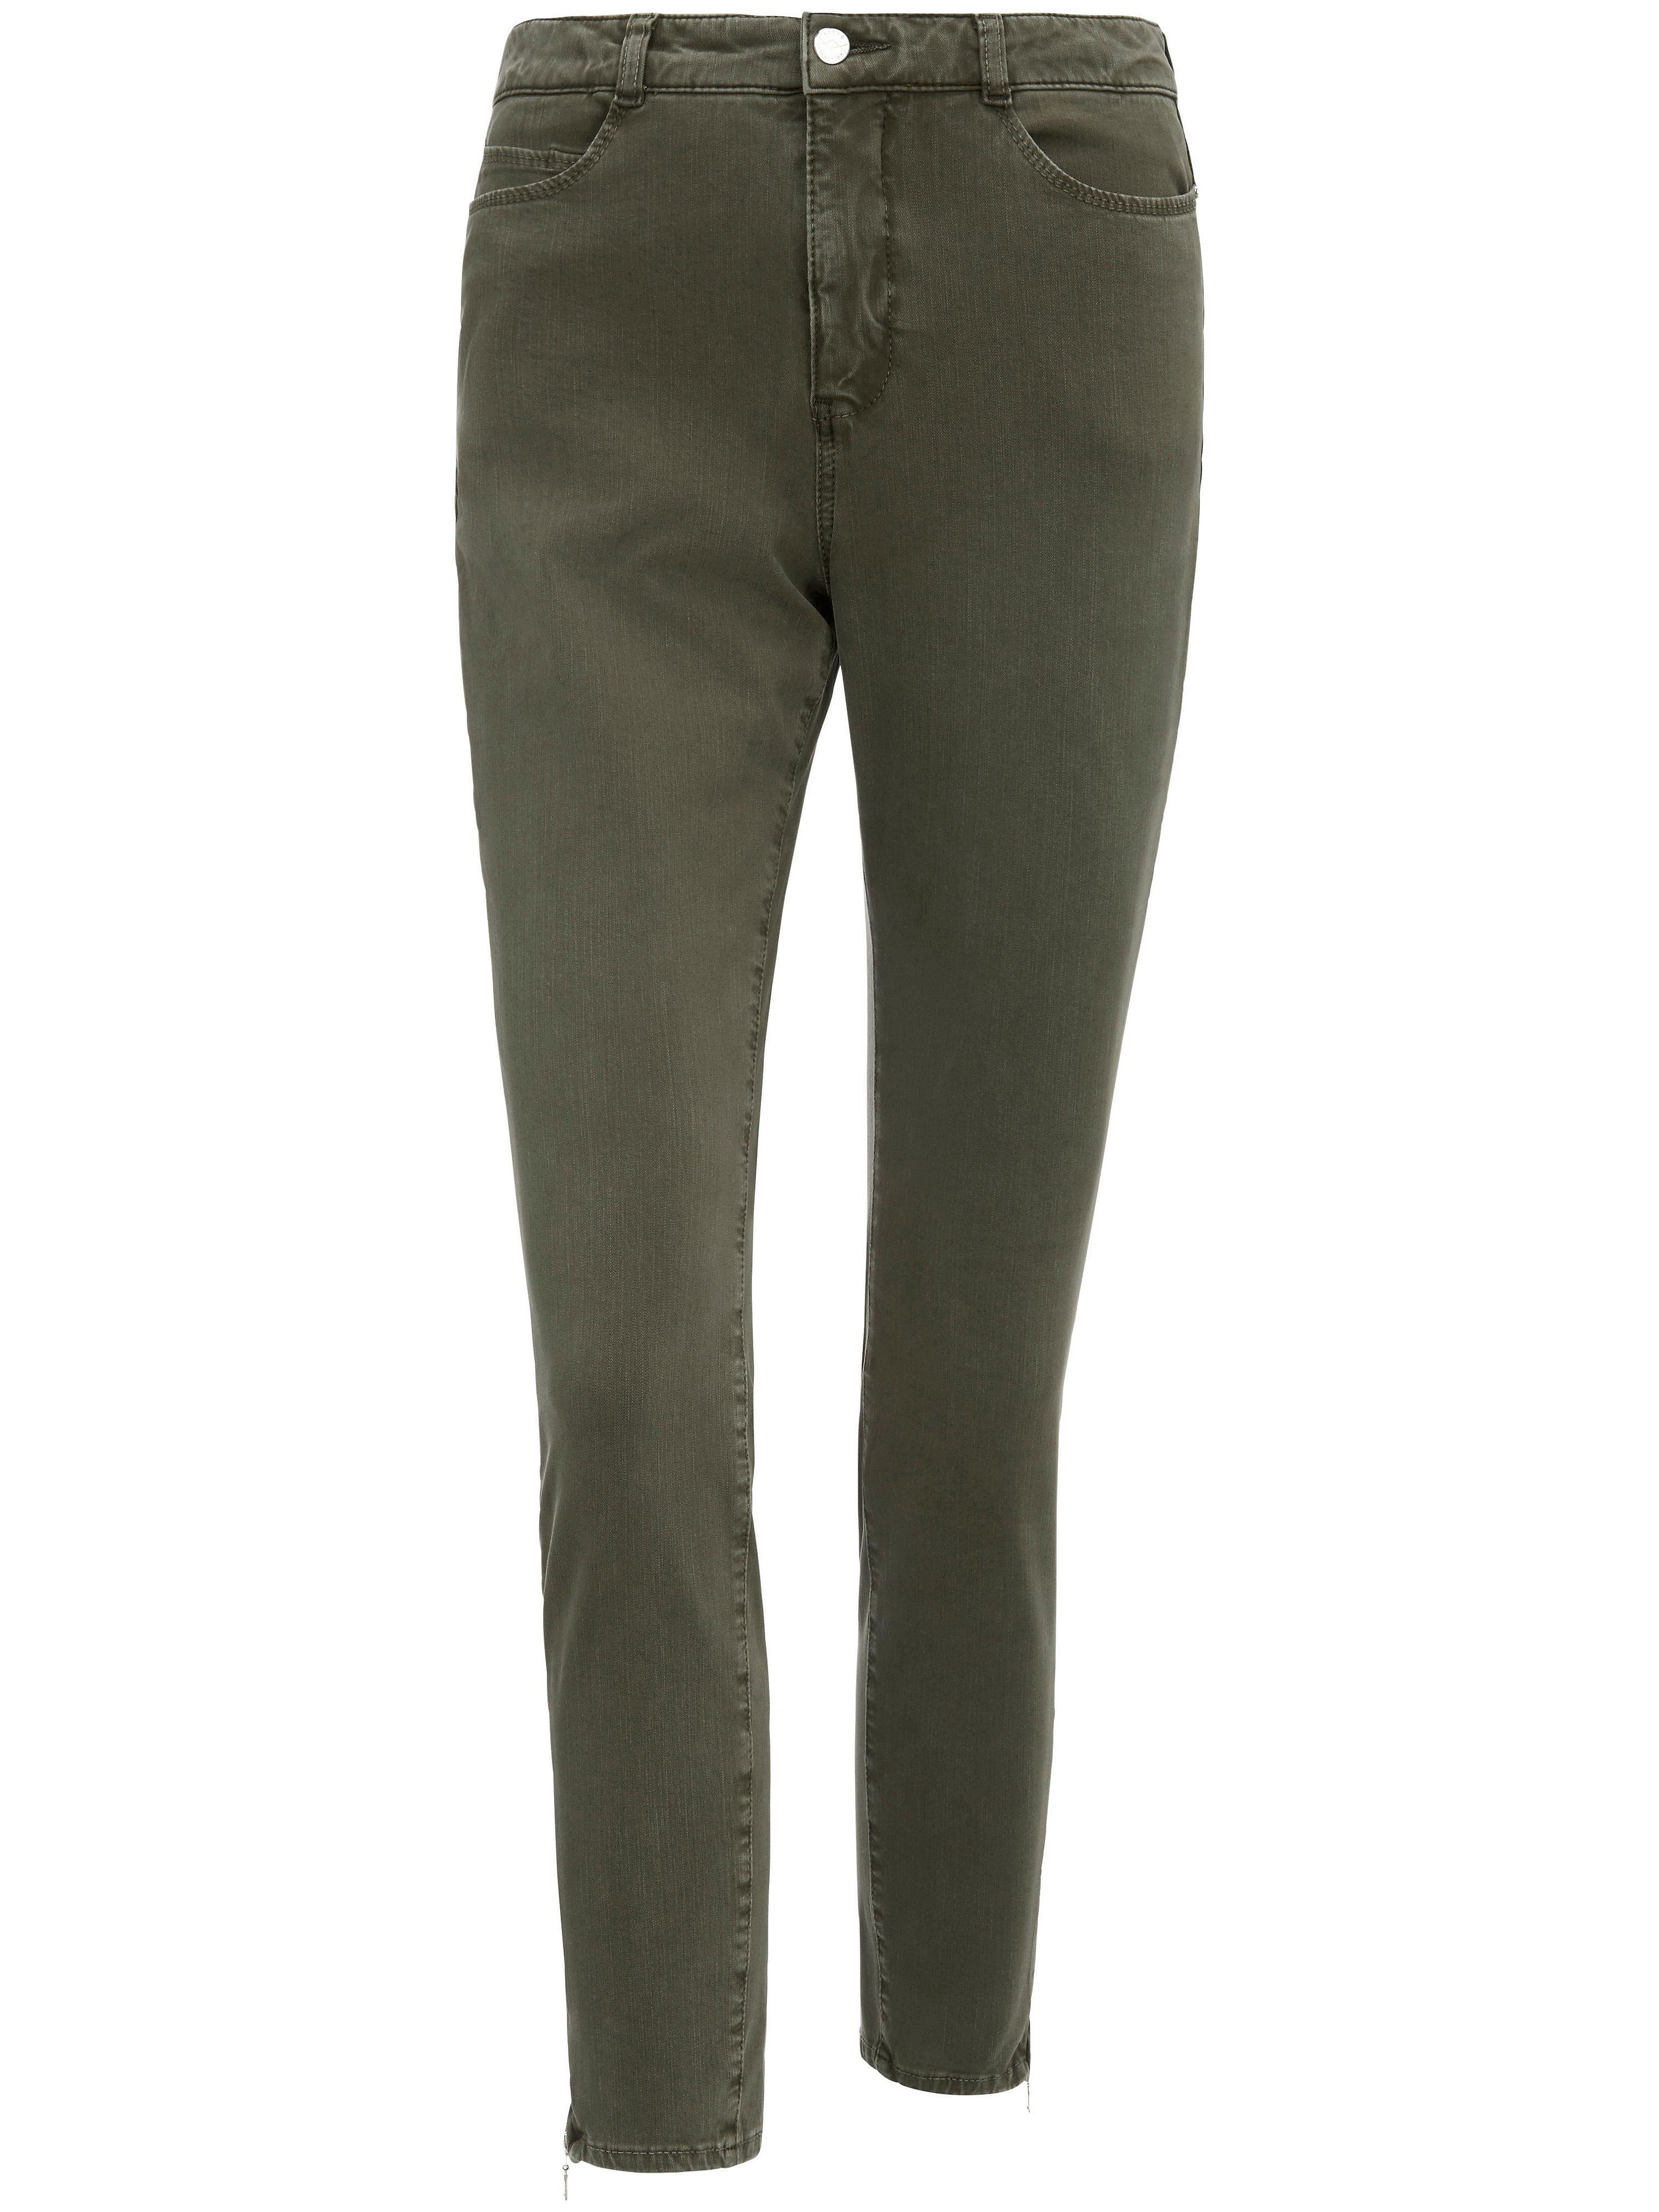 Image of   Ankellange jeans 'Dream Sensation Skinny' fra Mac Fra Mac grøn